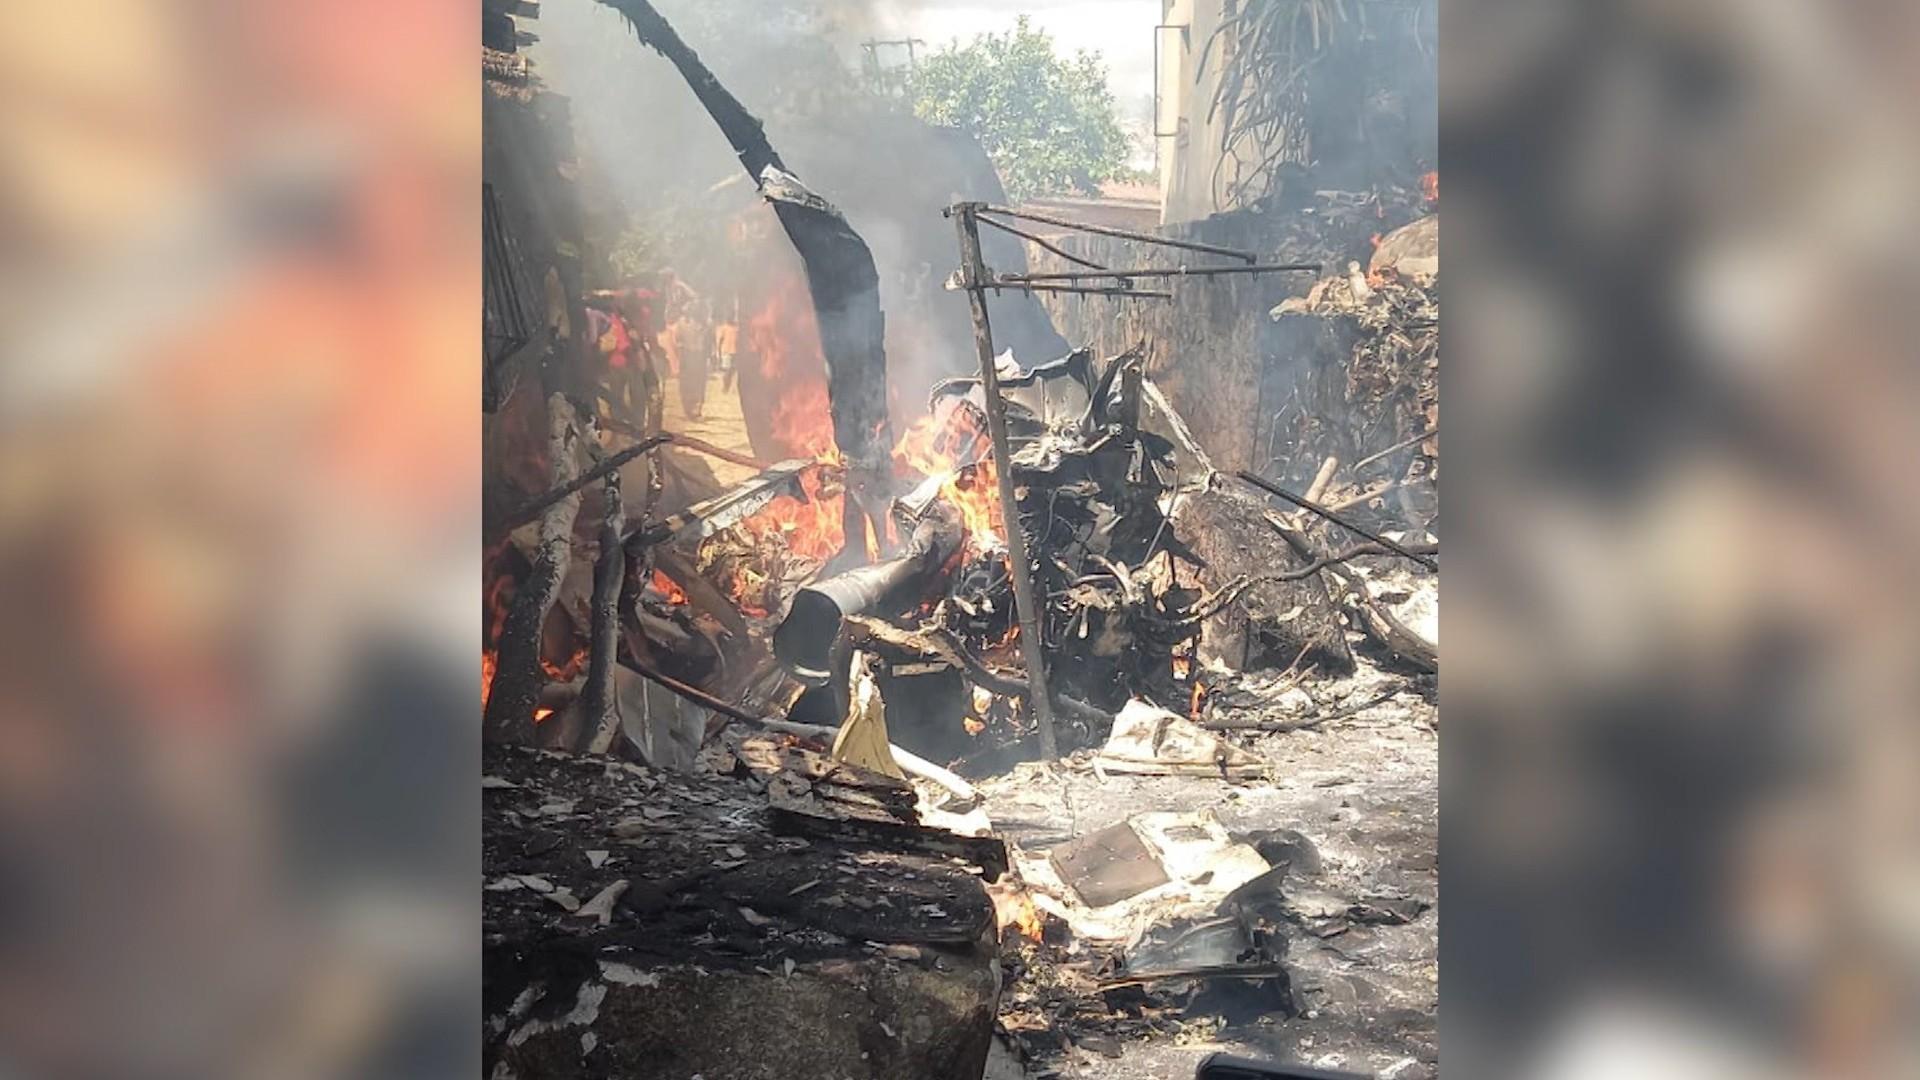 Patru morţi, între care un copil, după ce un elicopter militar s-a prăbuşit peste o casă, în Zimbabwe